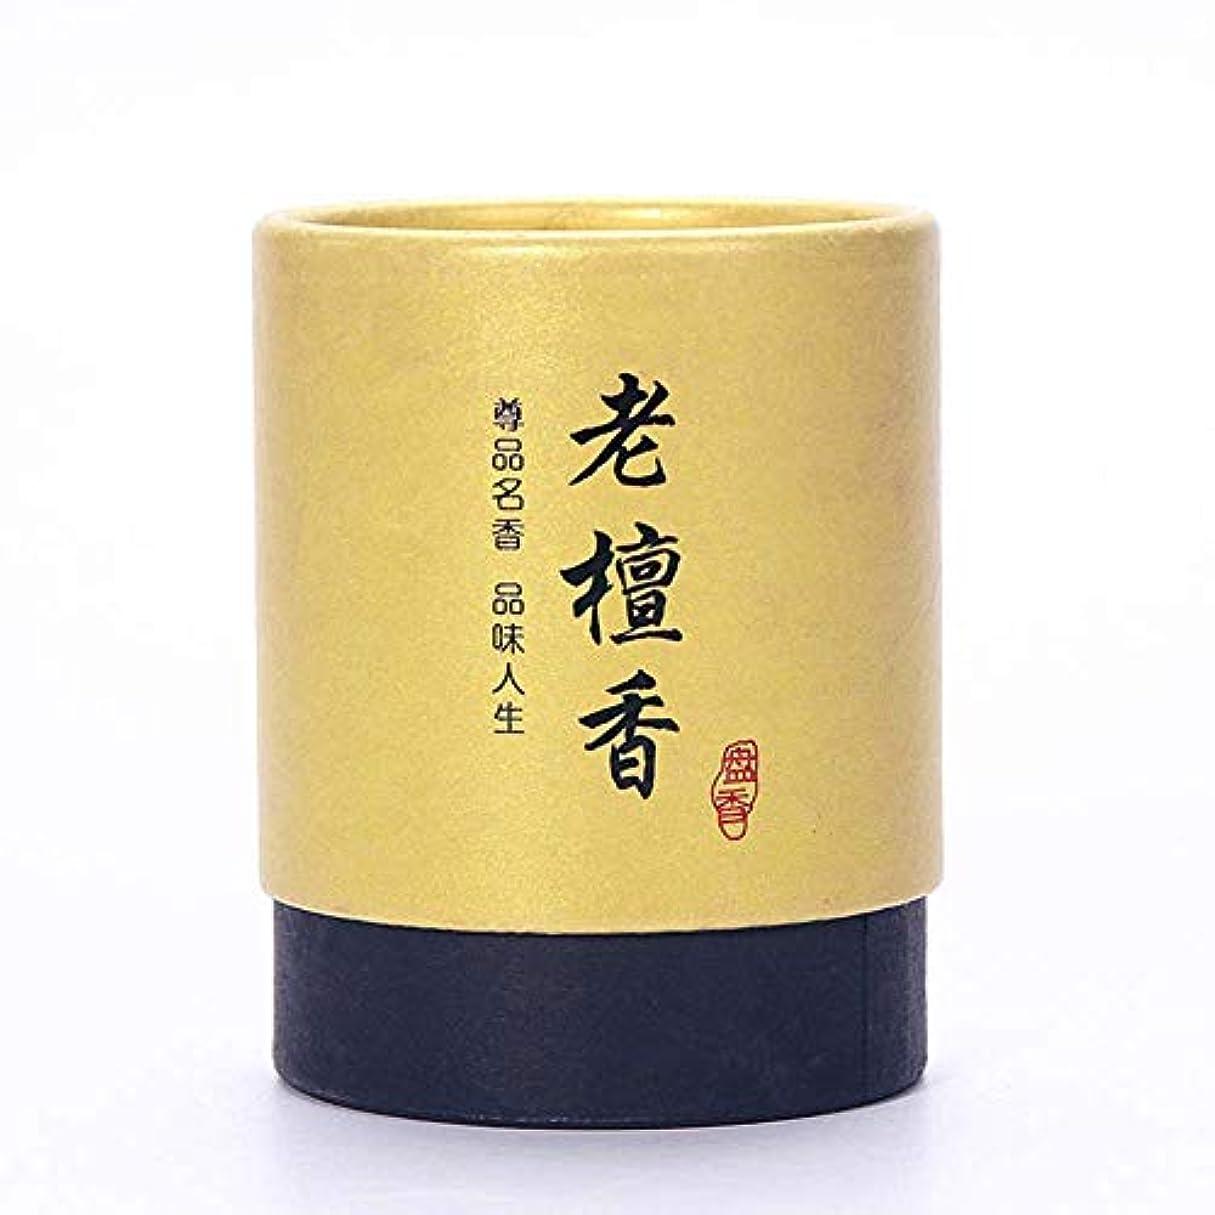 目的道を作る主HwaGui お香 ビャクダン 2時間 盤香 渦巻き線香 優しい香り 48巻入 (老い檀香)